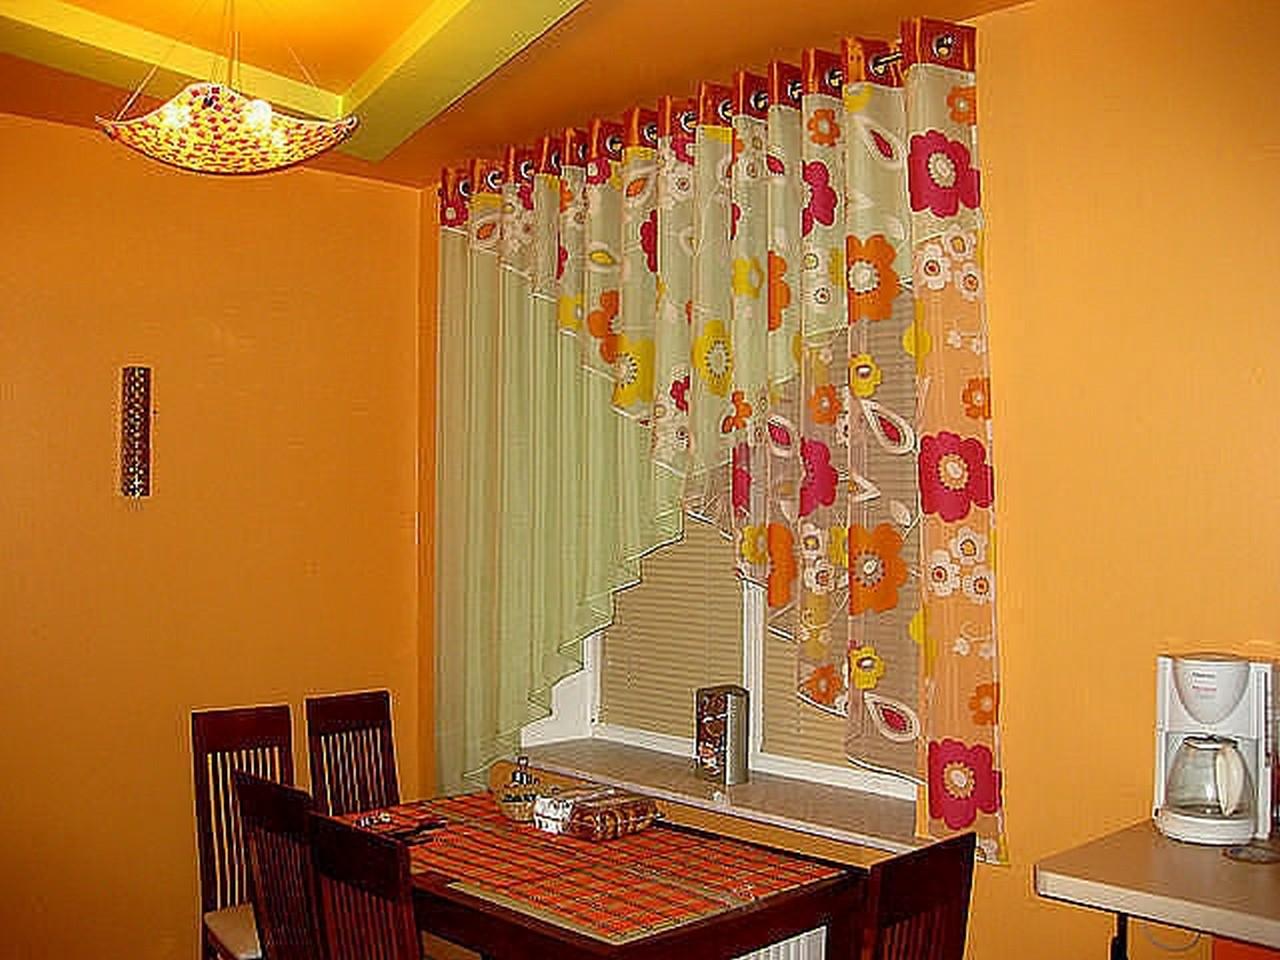 шторы для кухни своими руками с выкройками выбора ткани и фасона